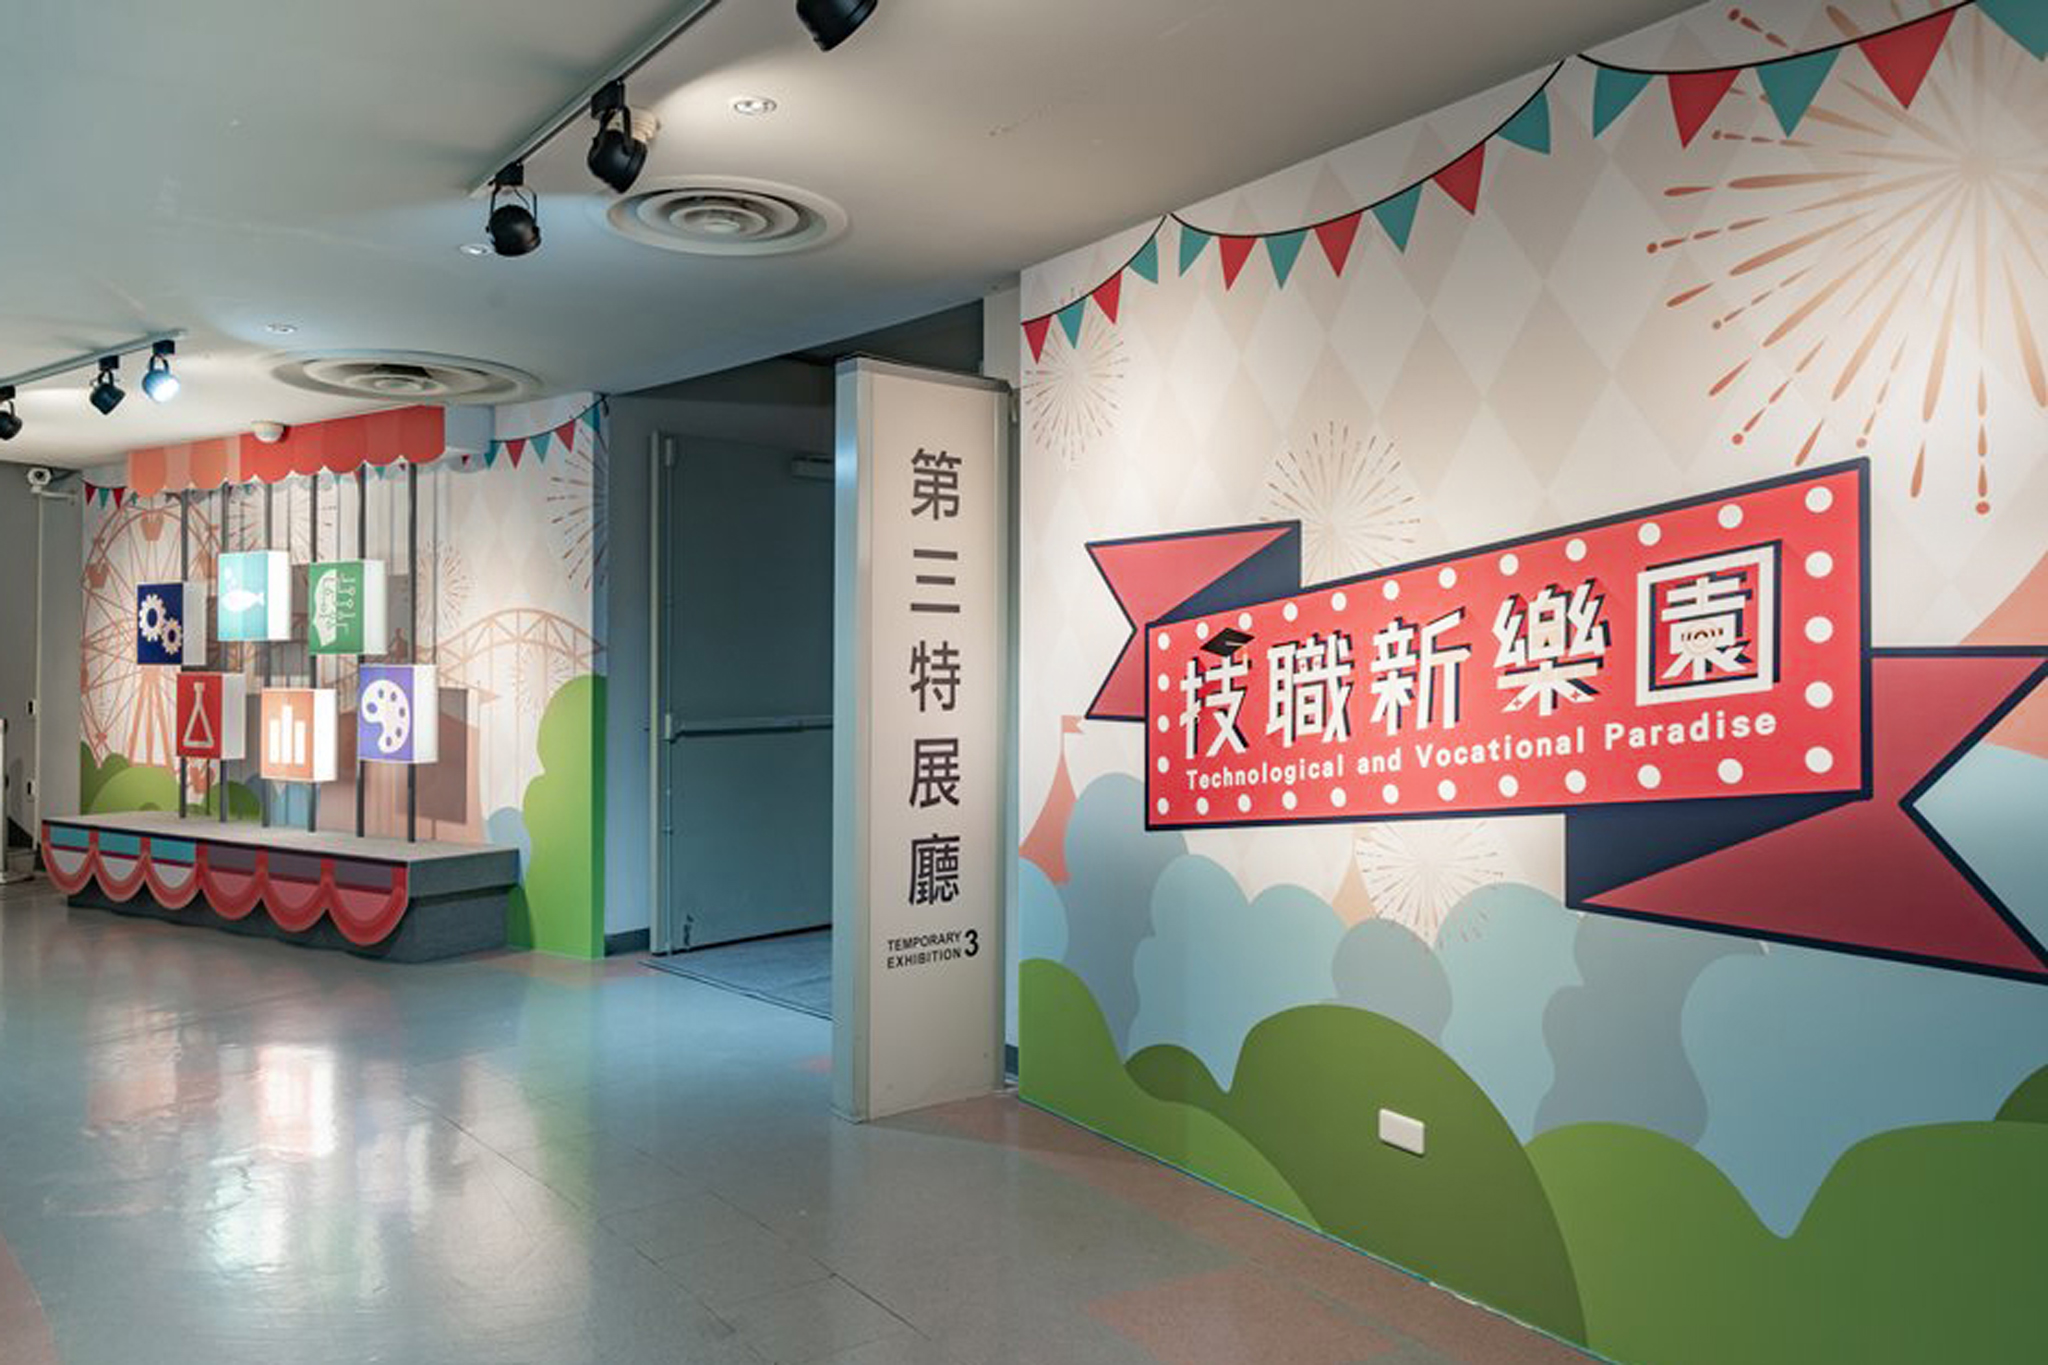 圖片來源/國立科學工藝博物館。